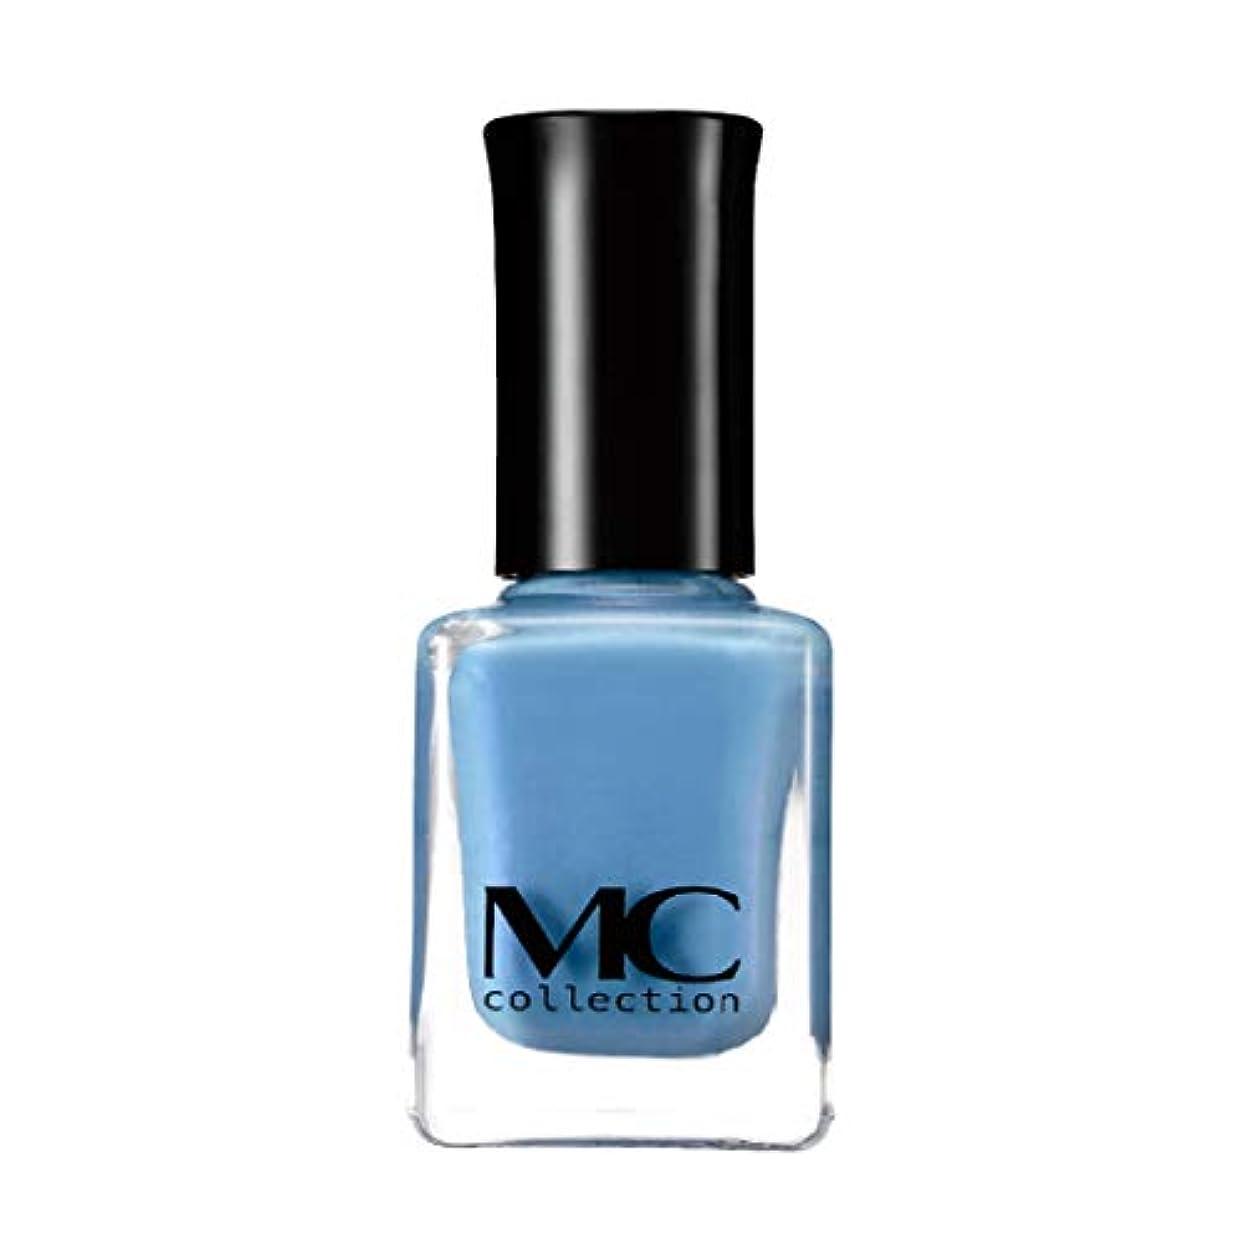 良性趣味敬意を表するマニキュア ネイルカラー N62 ブルー ( ネイルポリッシュ 日本製 ) 【 MCコレクション 】